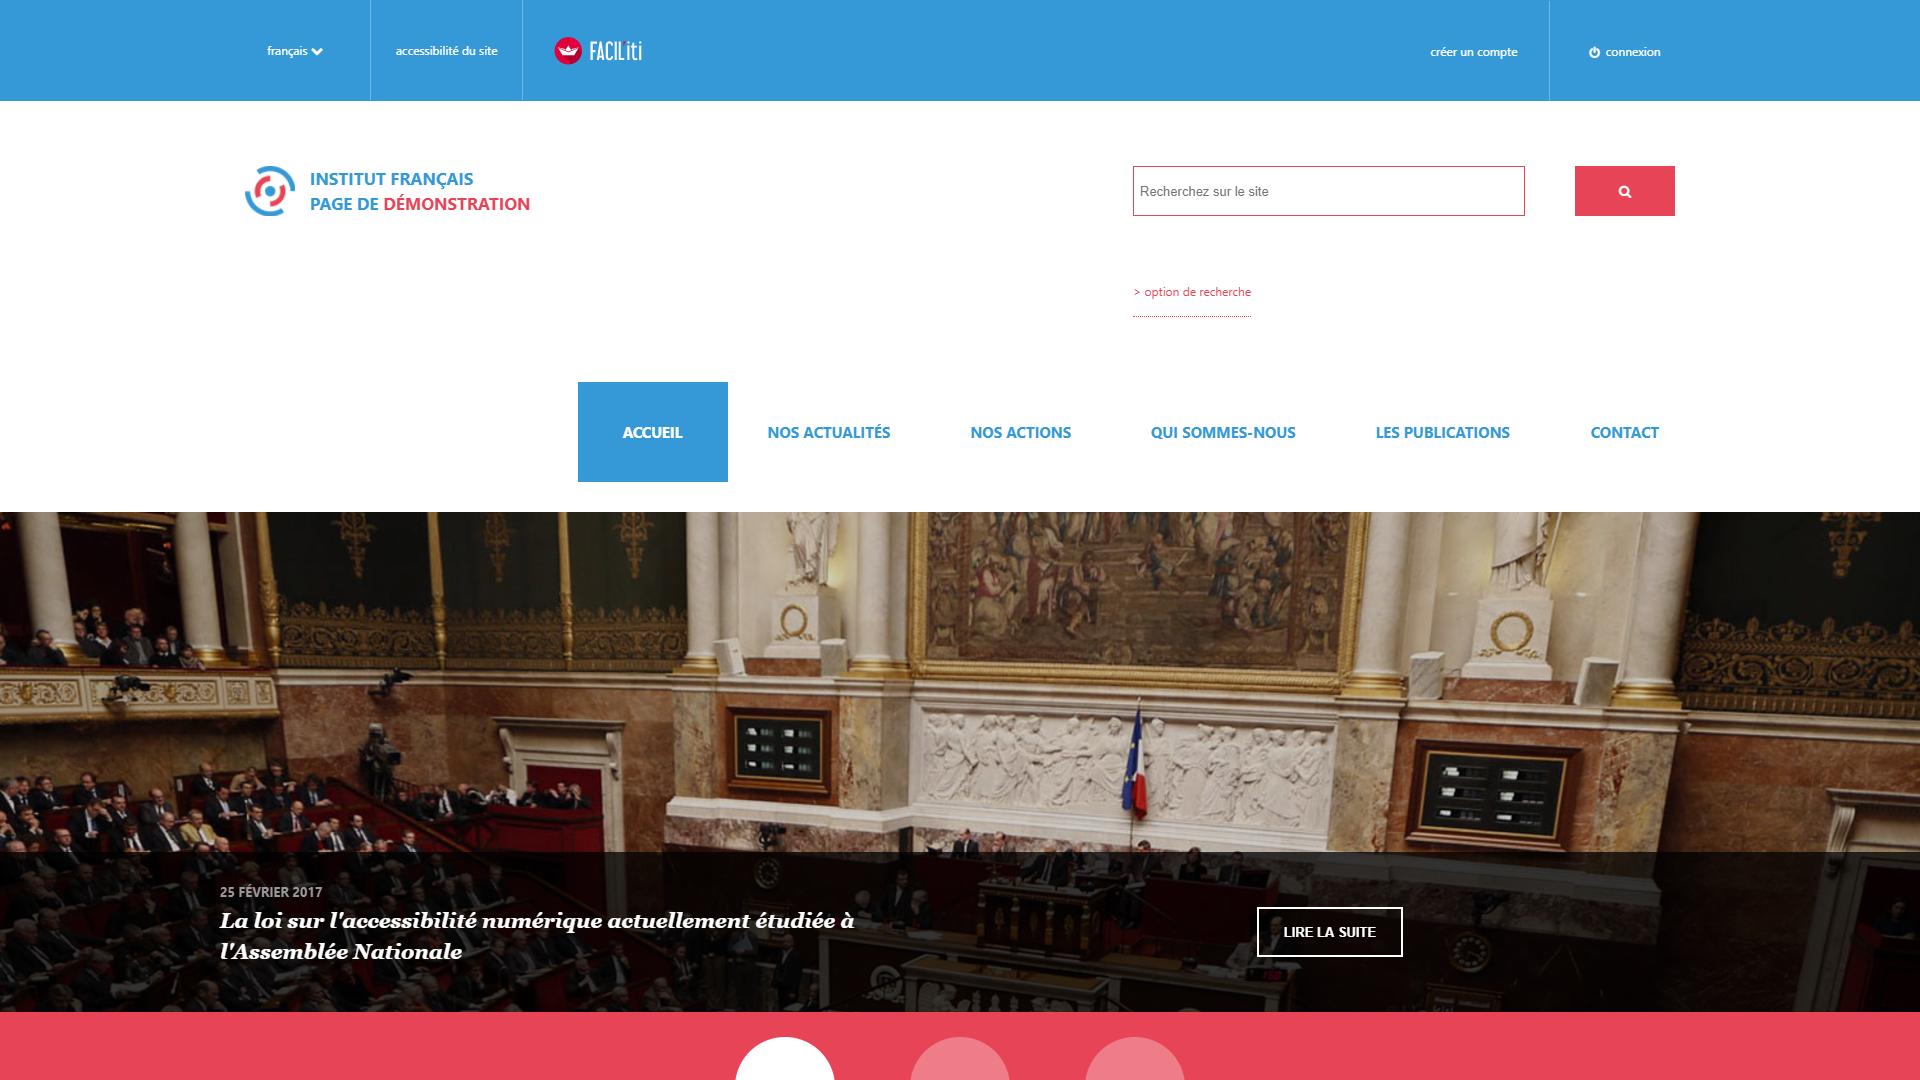 Une page d'accueil d'un site de démonstration avec FACIL'iti activé pour la pathologie Tremblements Essentiels